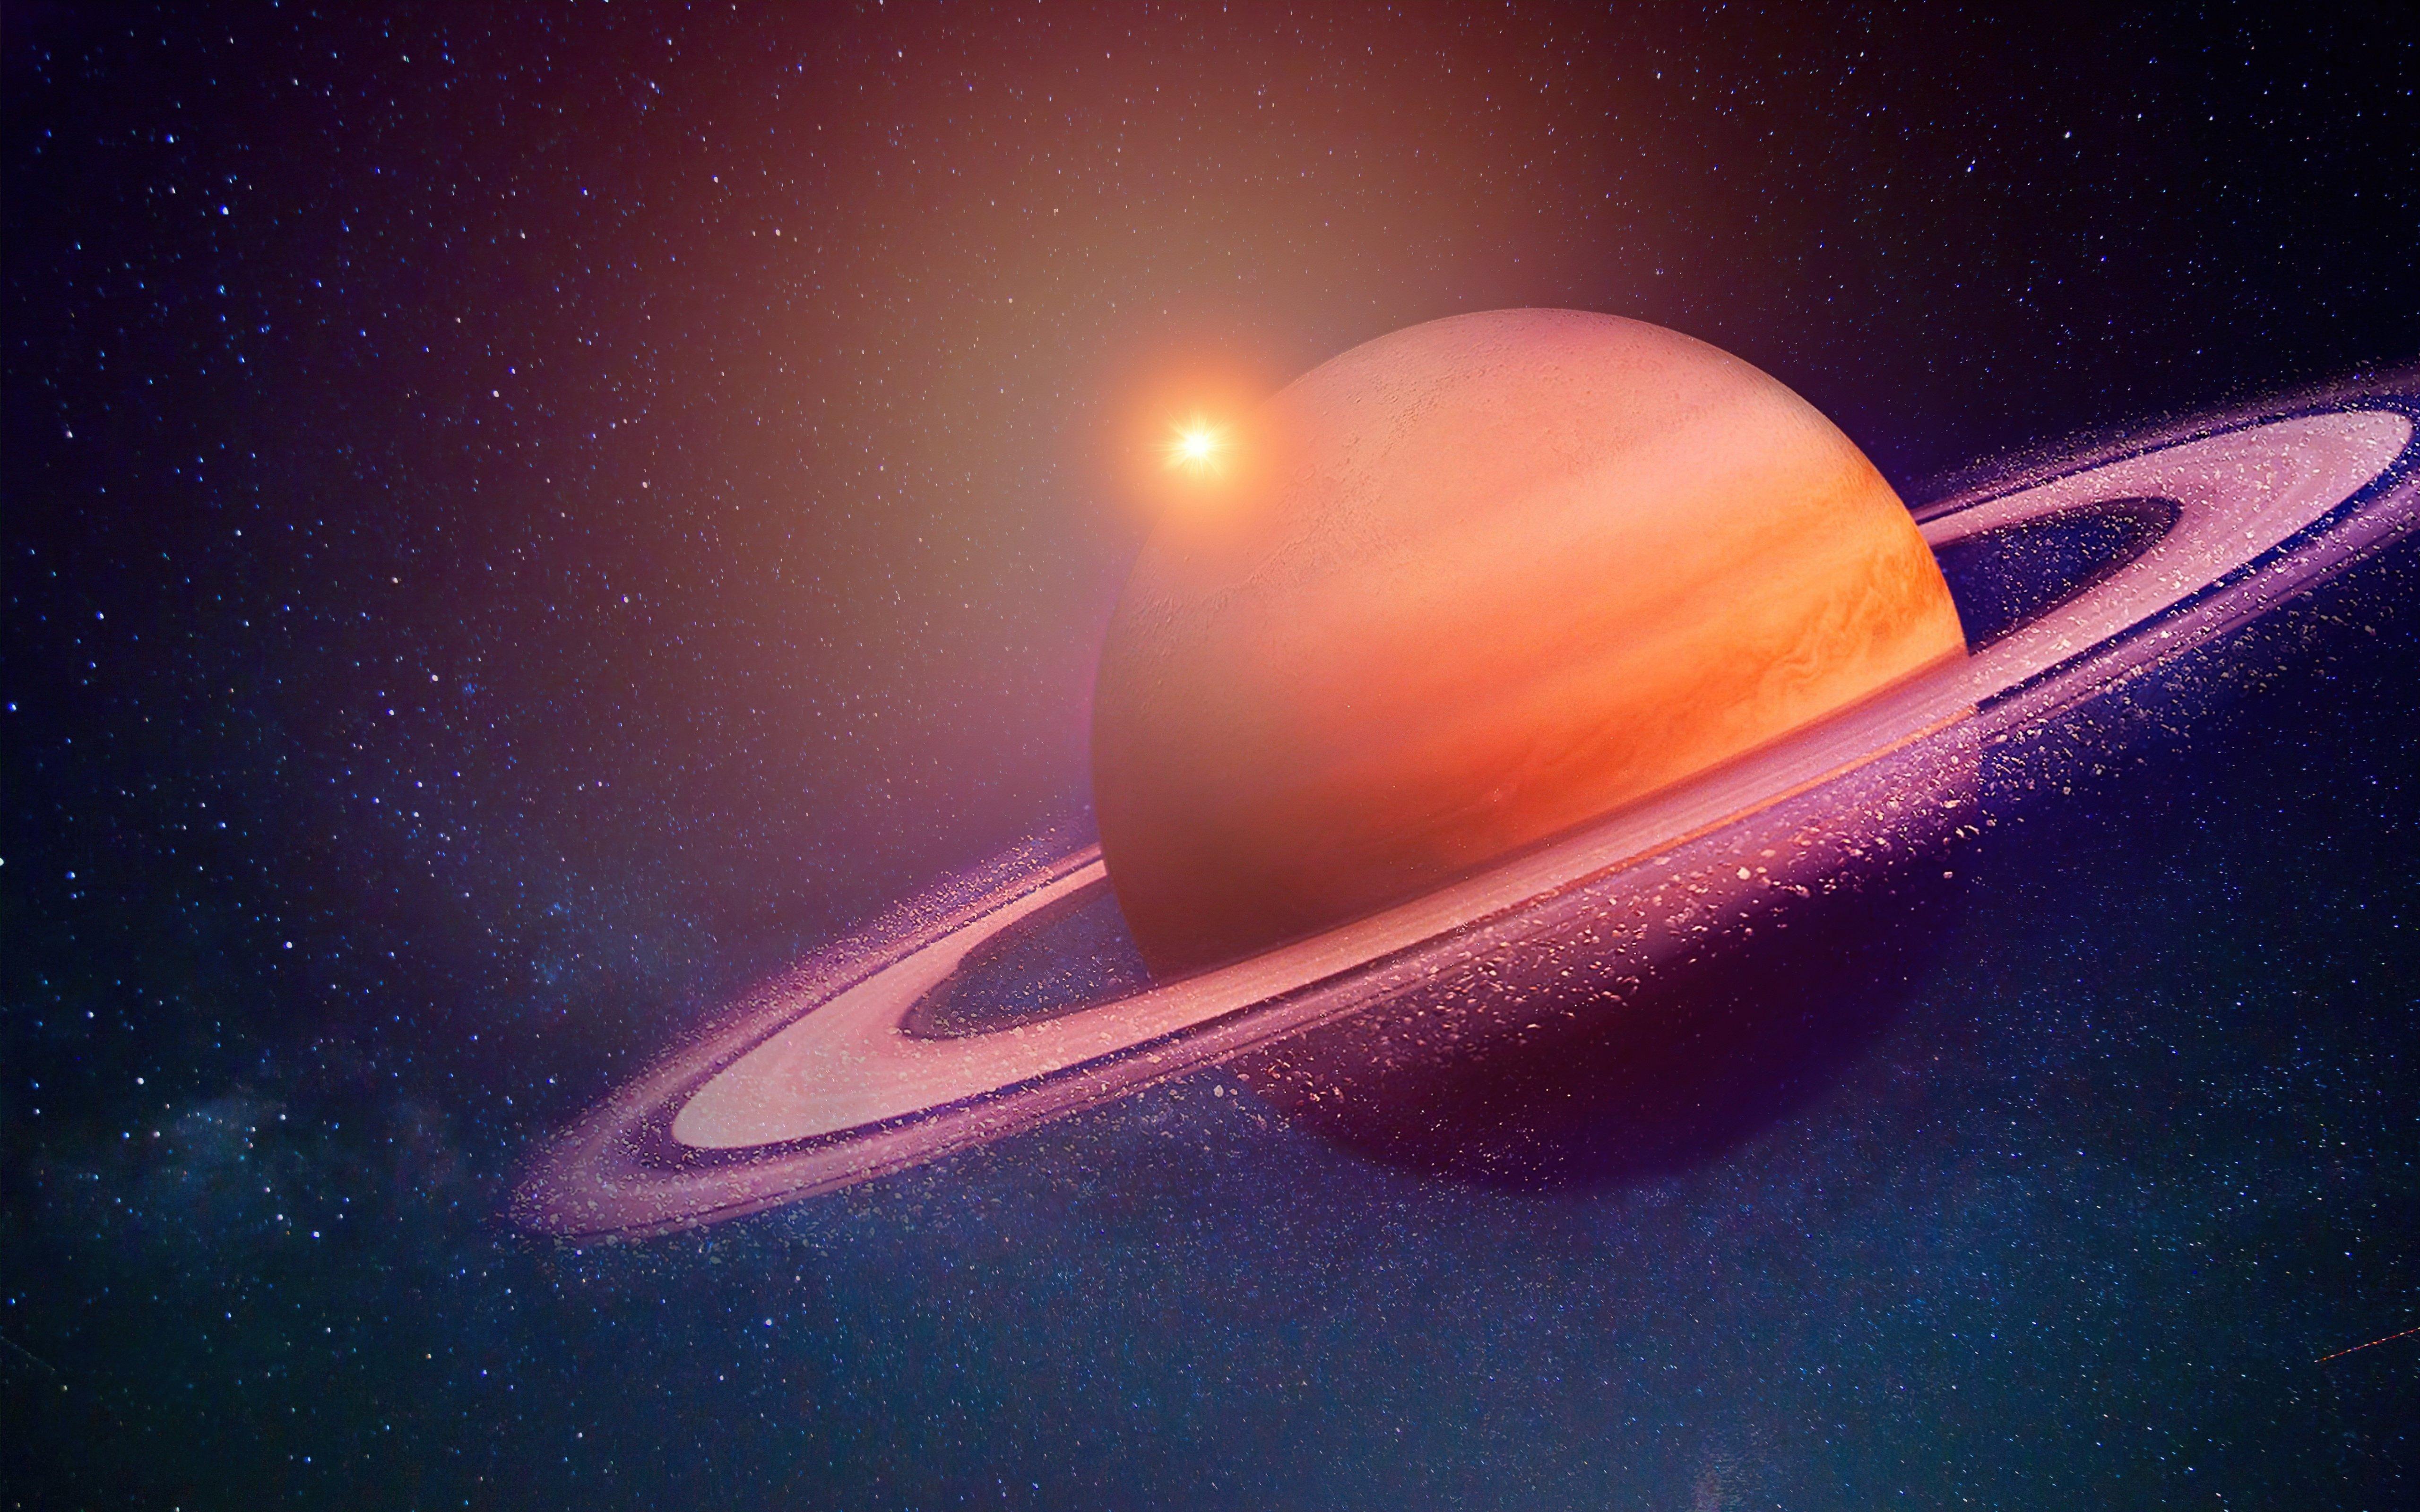 Fondos de pantalla Saturno en eclipse